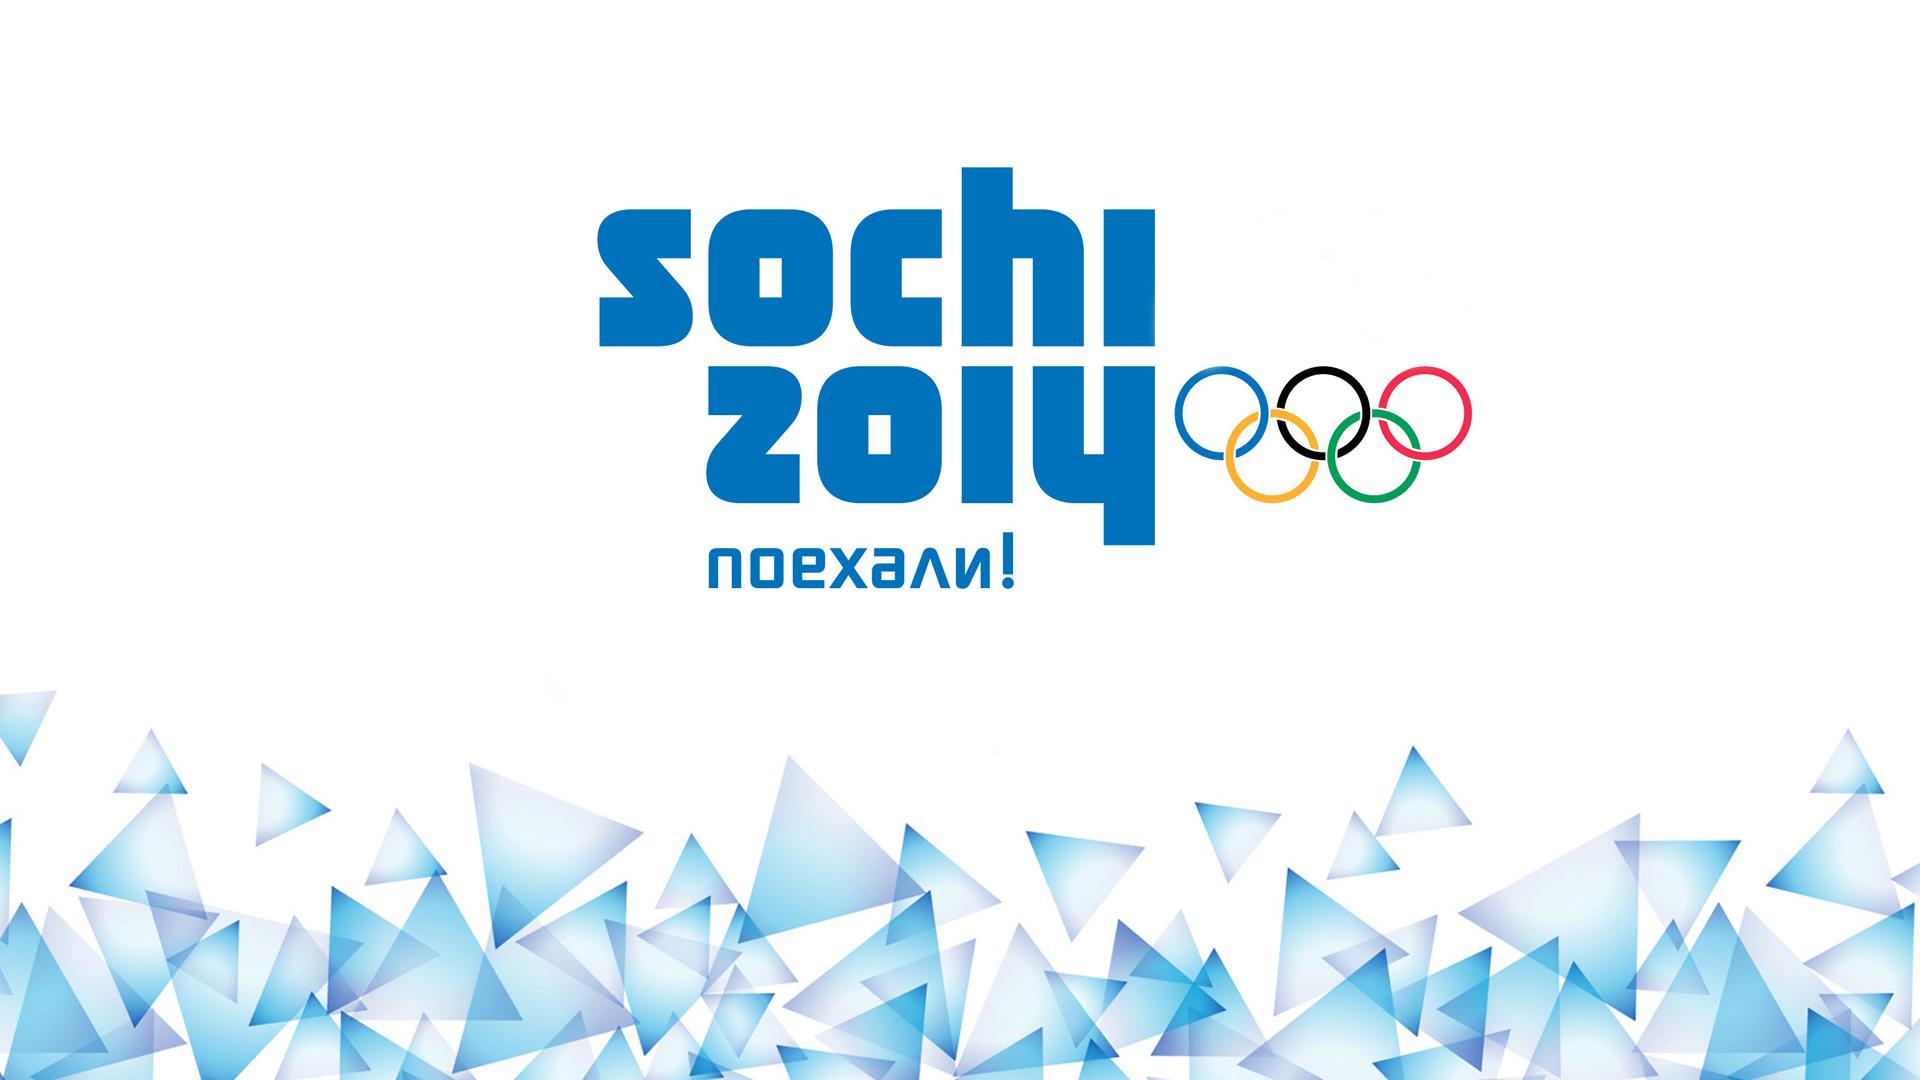 Обои сочи 2014 олимпиада сочи 2014